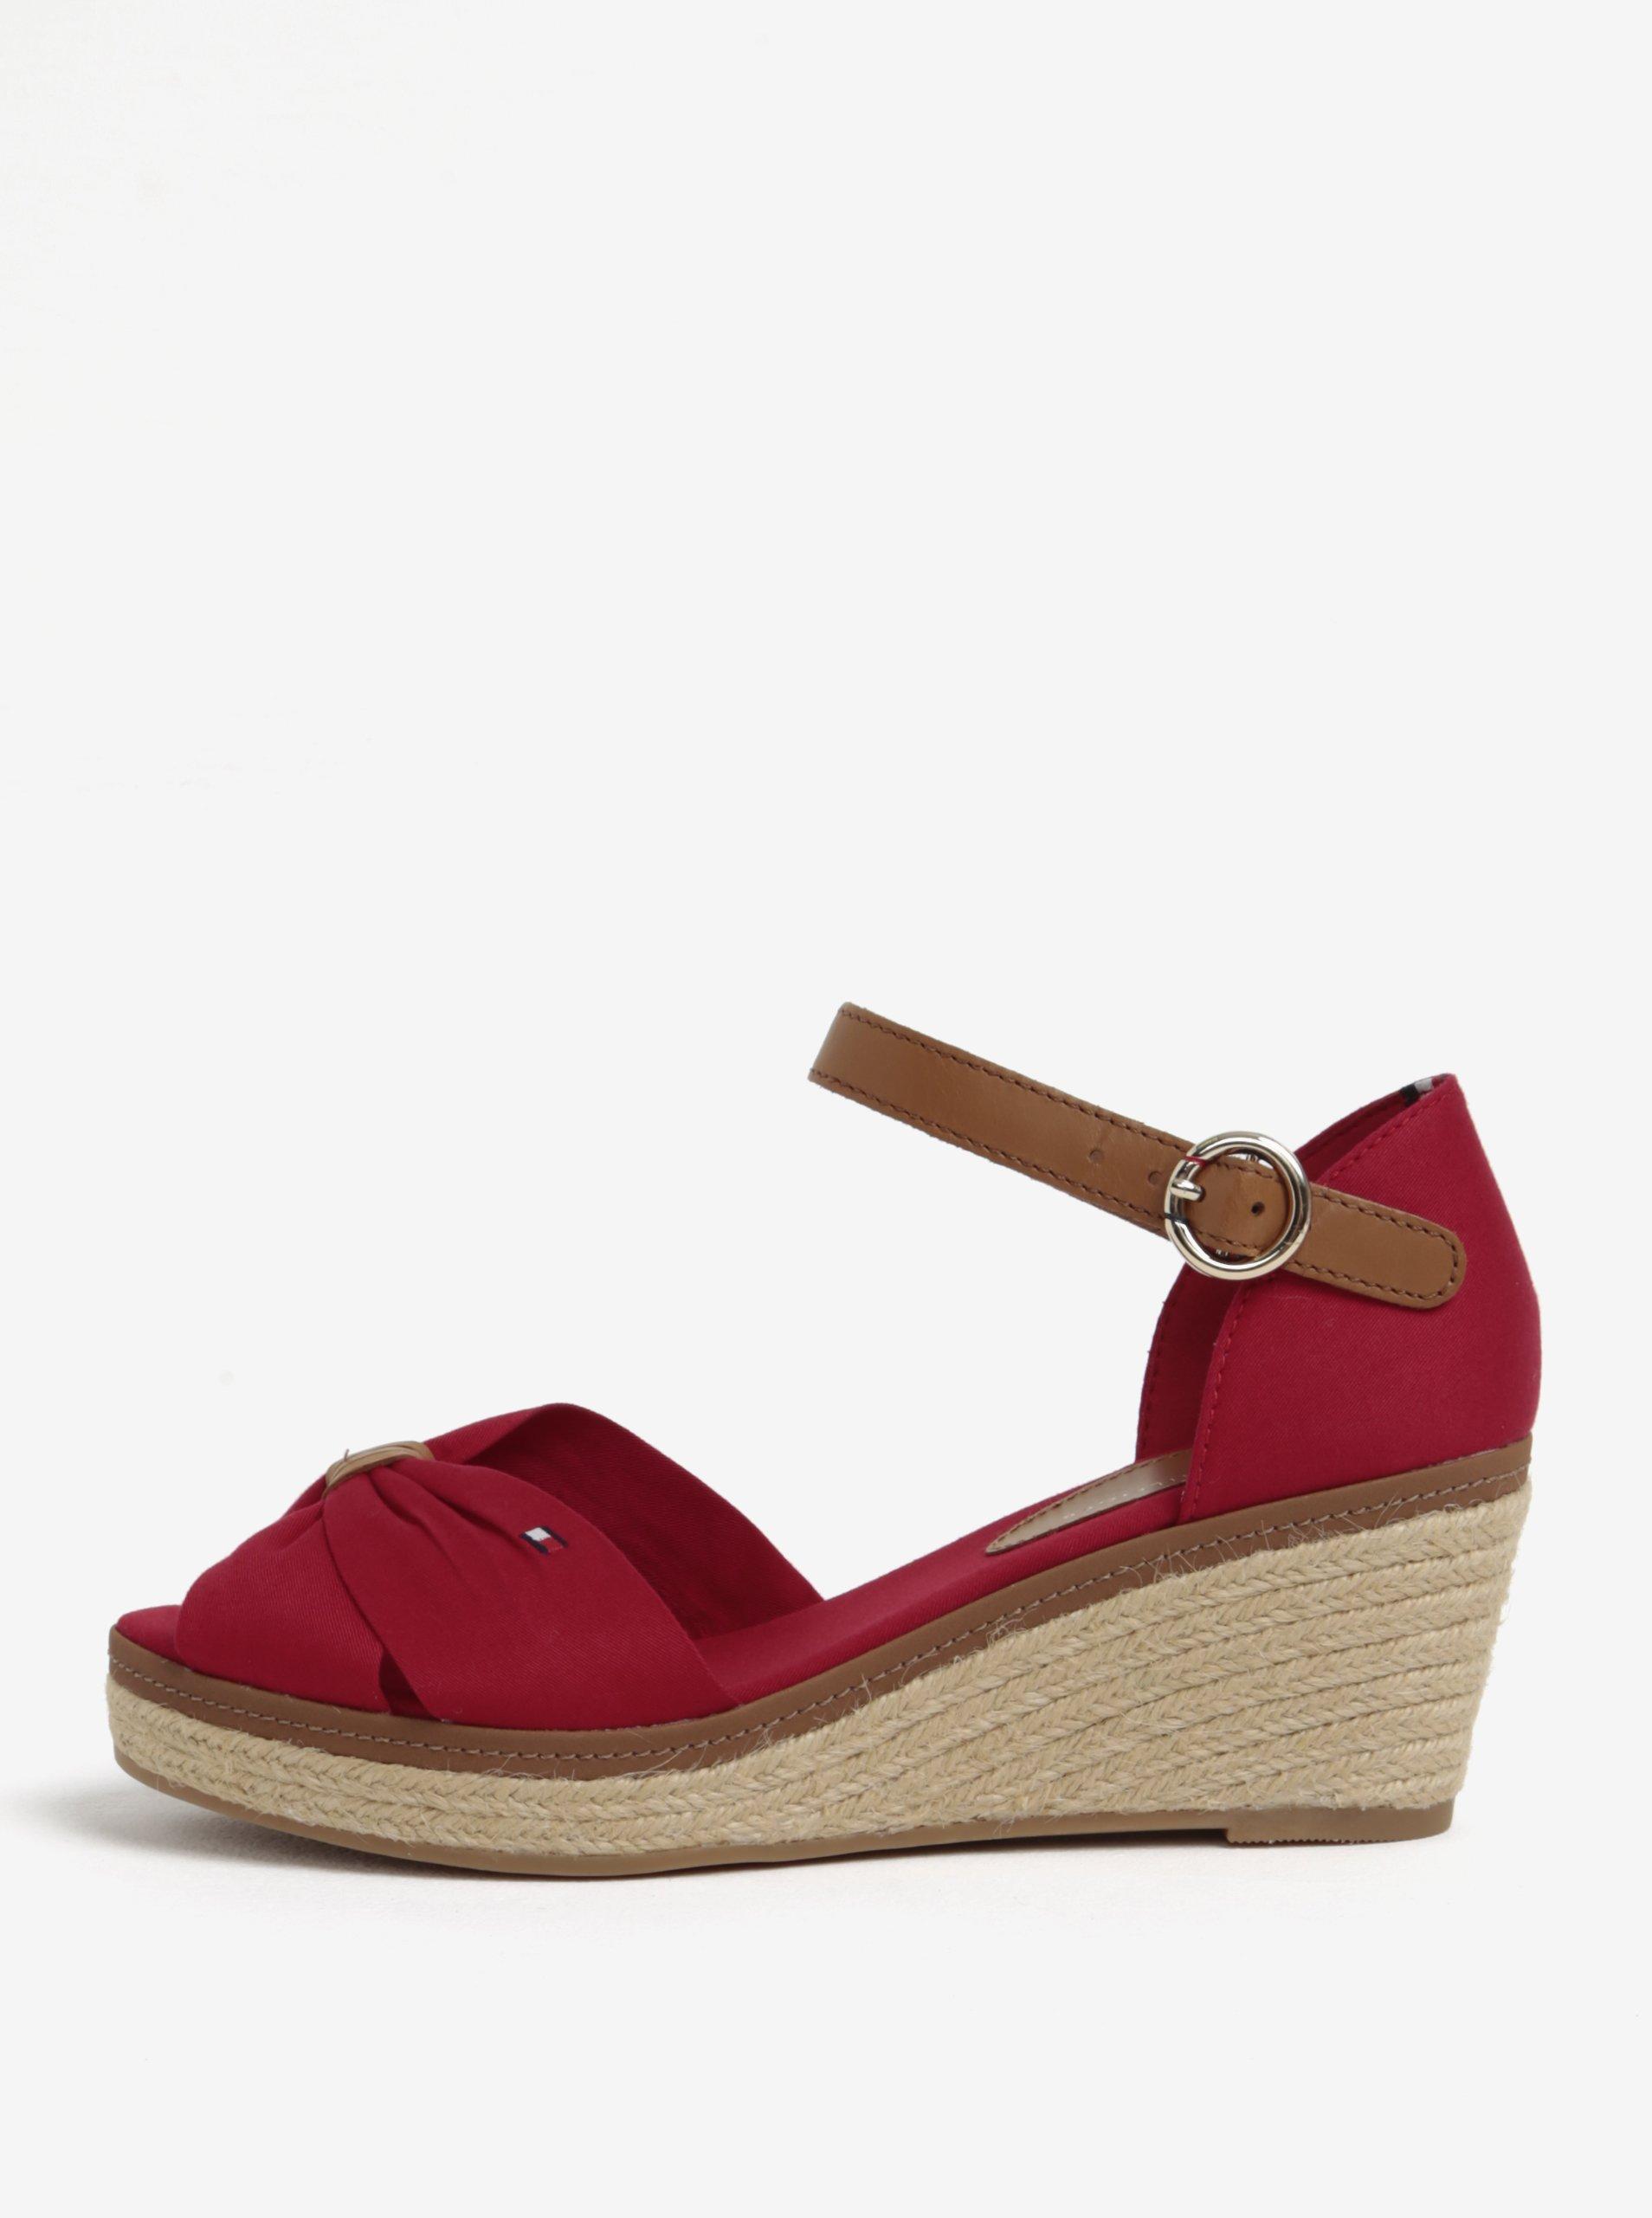 93befde5f1 Červené sandále na klinovom podpätku Tommy Hilfiger